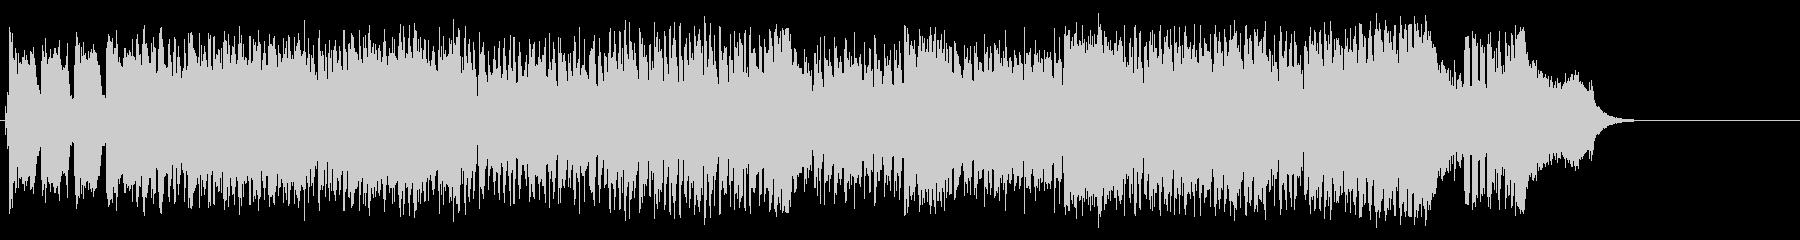 素敵なショータイムのアップテンポなポップの未再生の波形